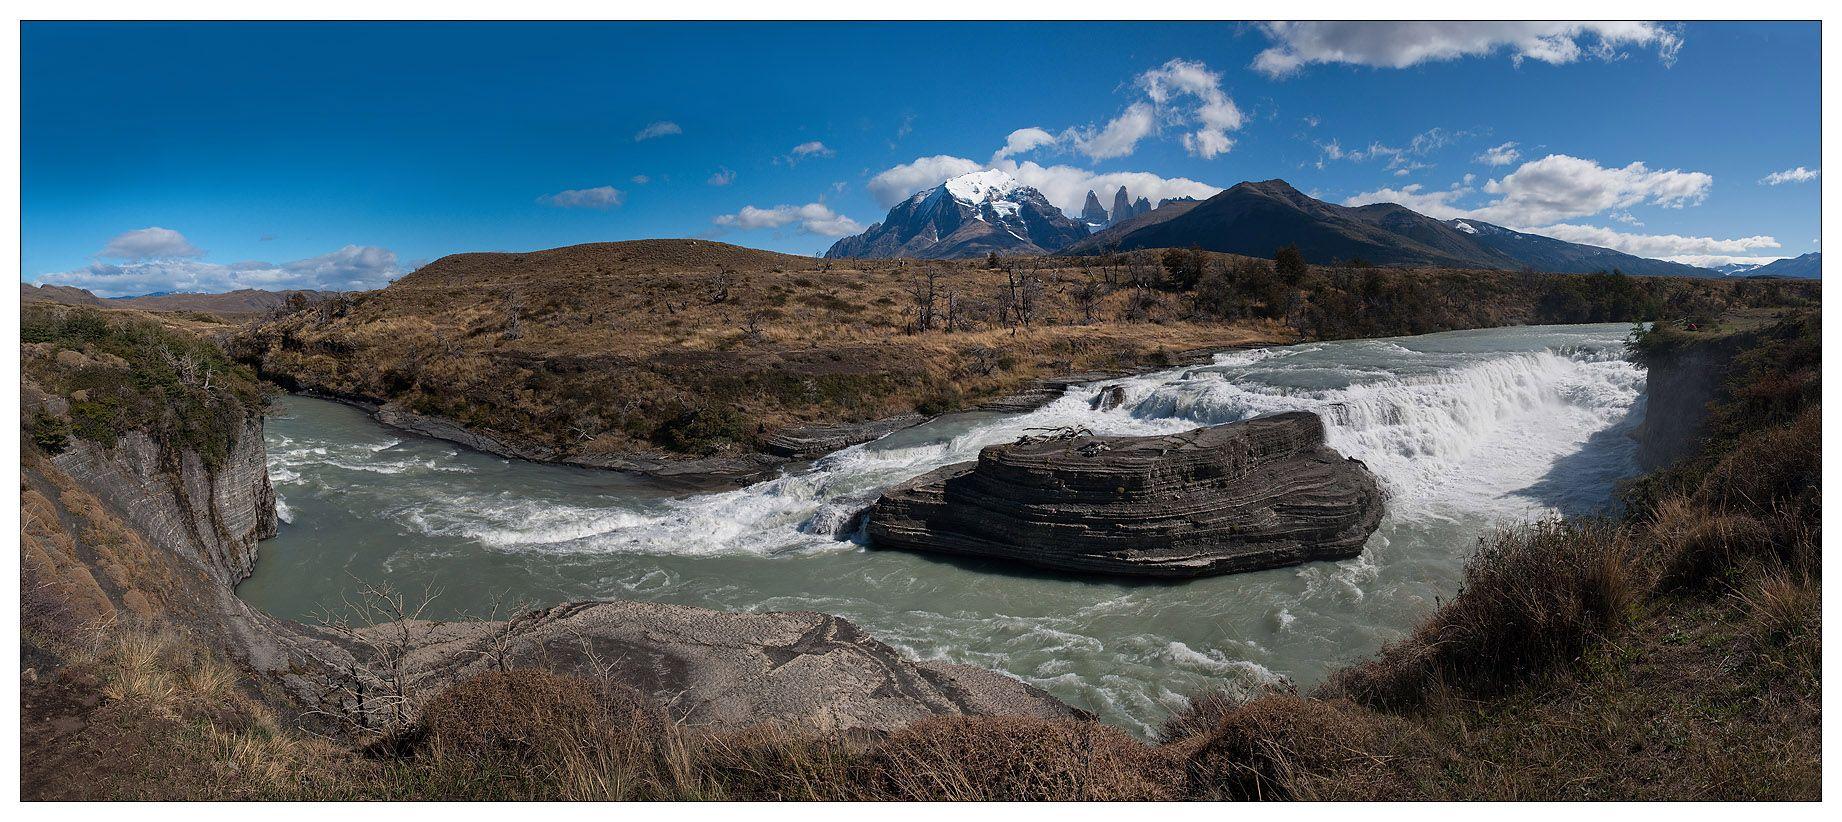 Со стороны Анд к национальному парку примыкают несколько огромных ледниковых массивов, которые питают реки, за миллионы лет создавшие в горных породах глубокие каньоны.. В окрестностях можно увидеть живописные водопады.